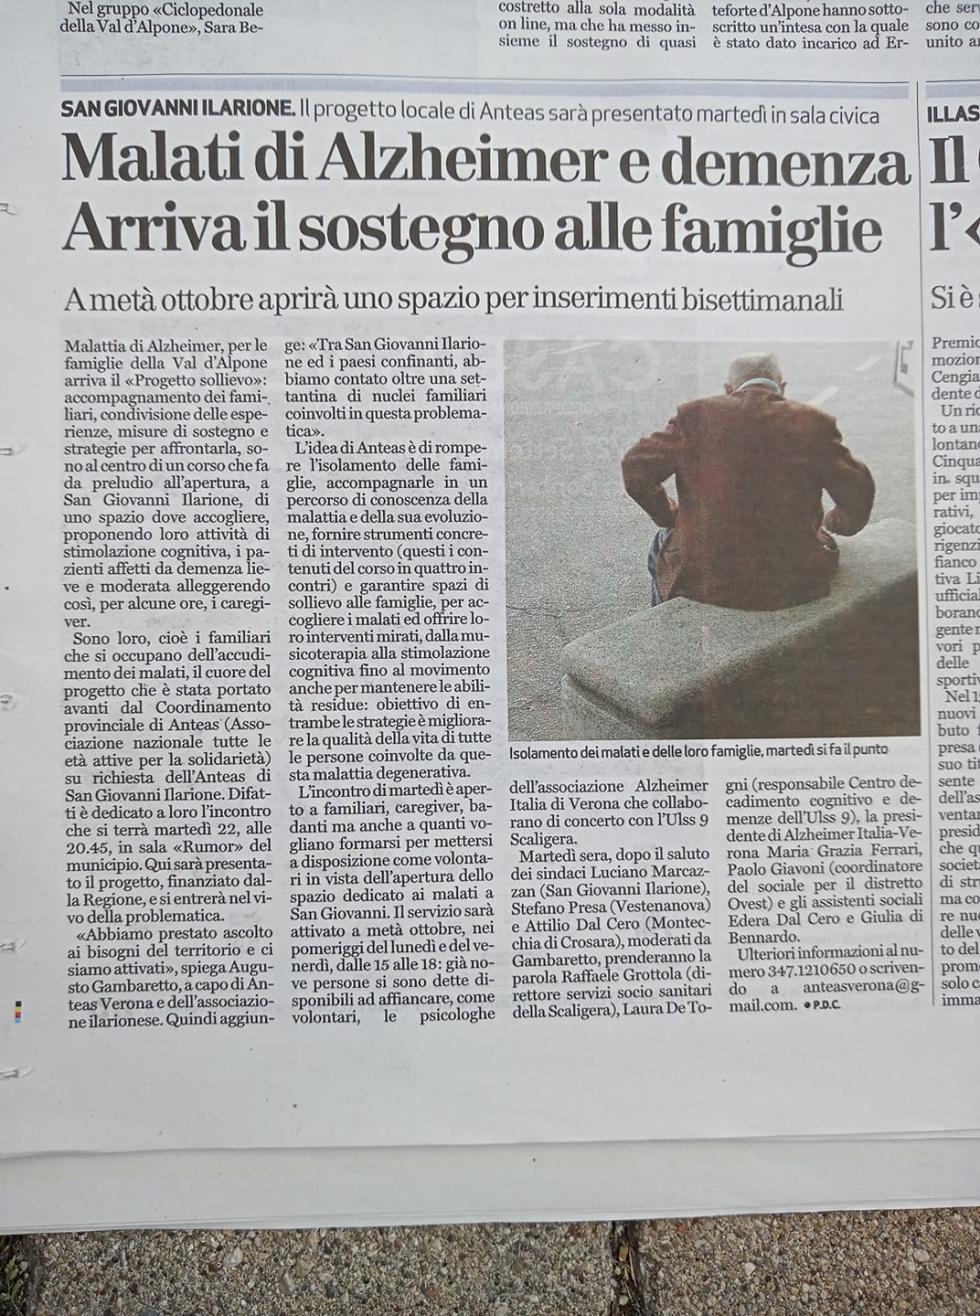 Anteas San Giovanni Ilarione (Verona) promuove un progetto sull'alzheimer